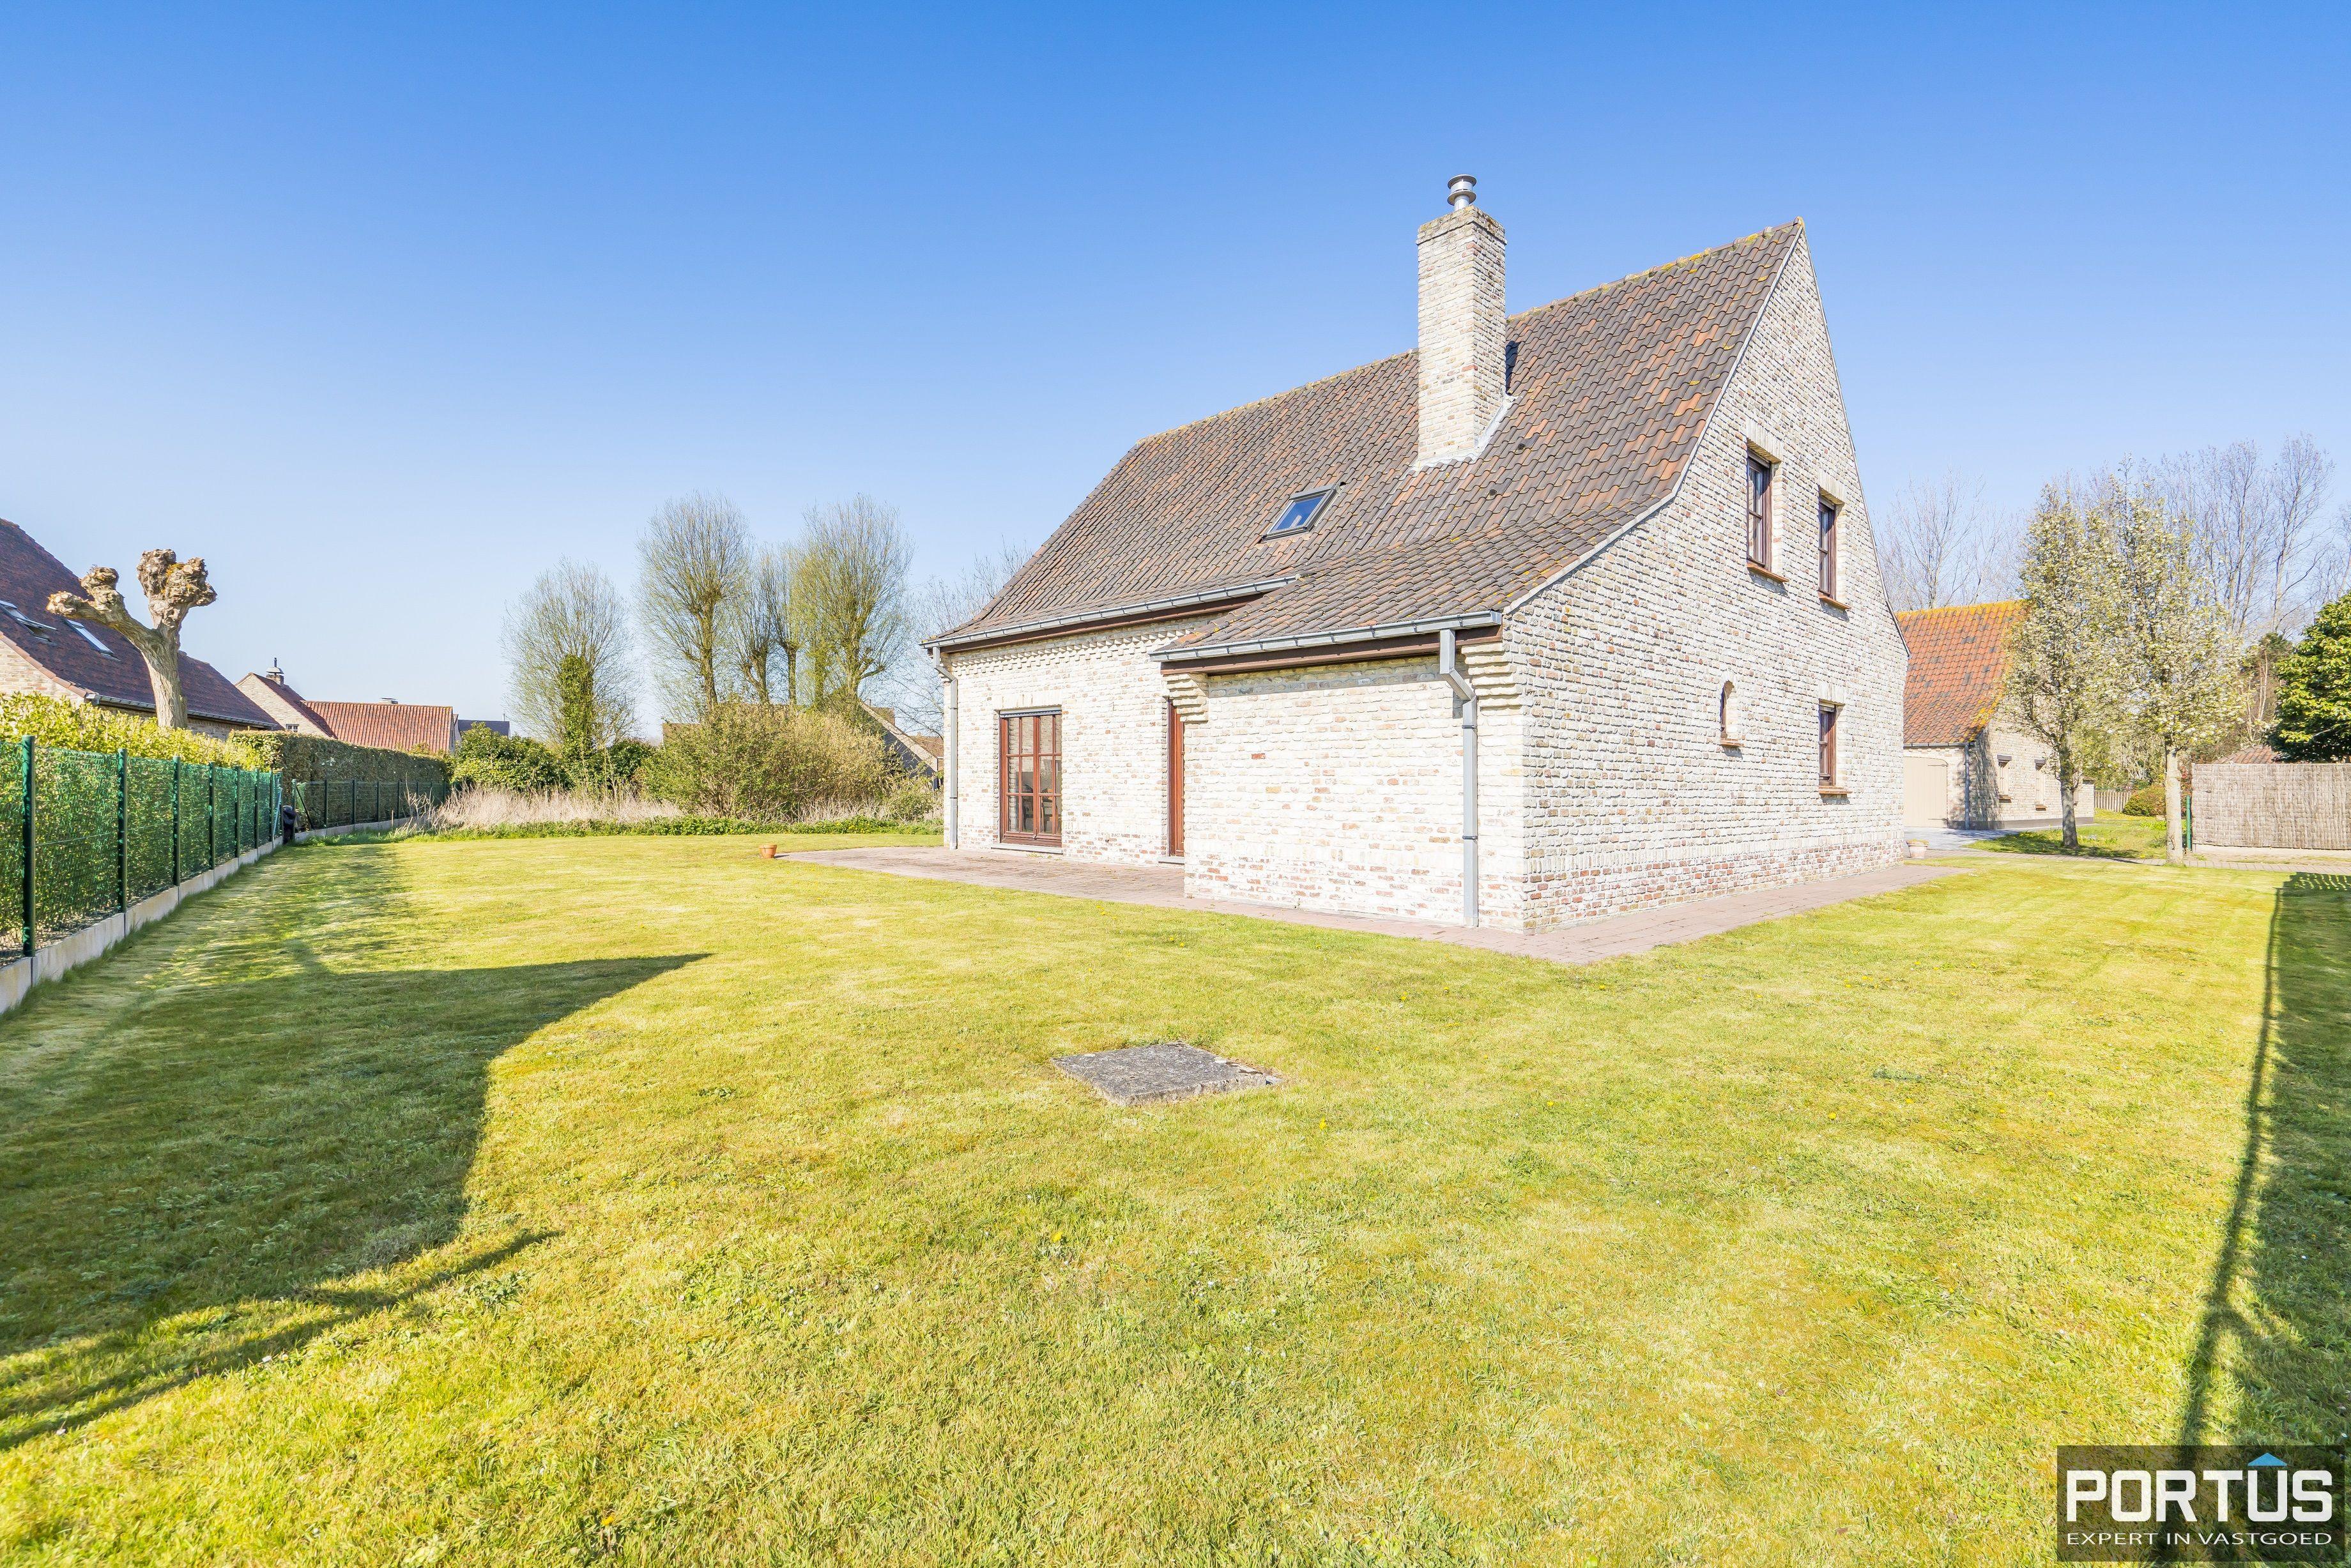 Woning te koop met 4 slaapkamers te Oostduinkerke - 12587